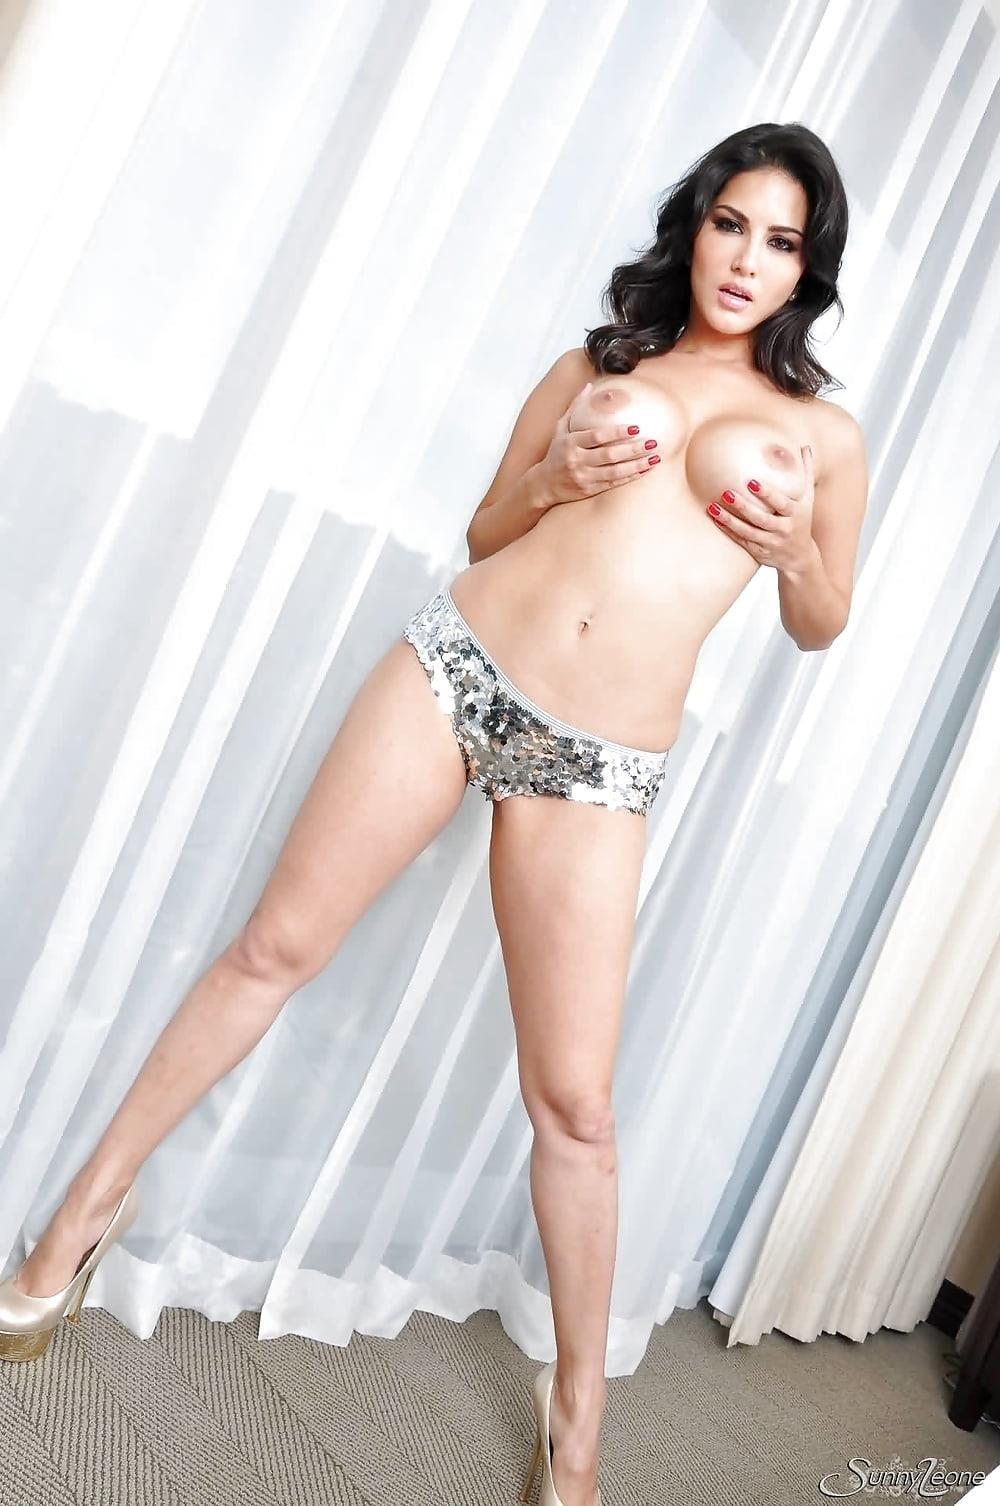 Hot porn sexy boobs-6593